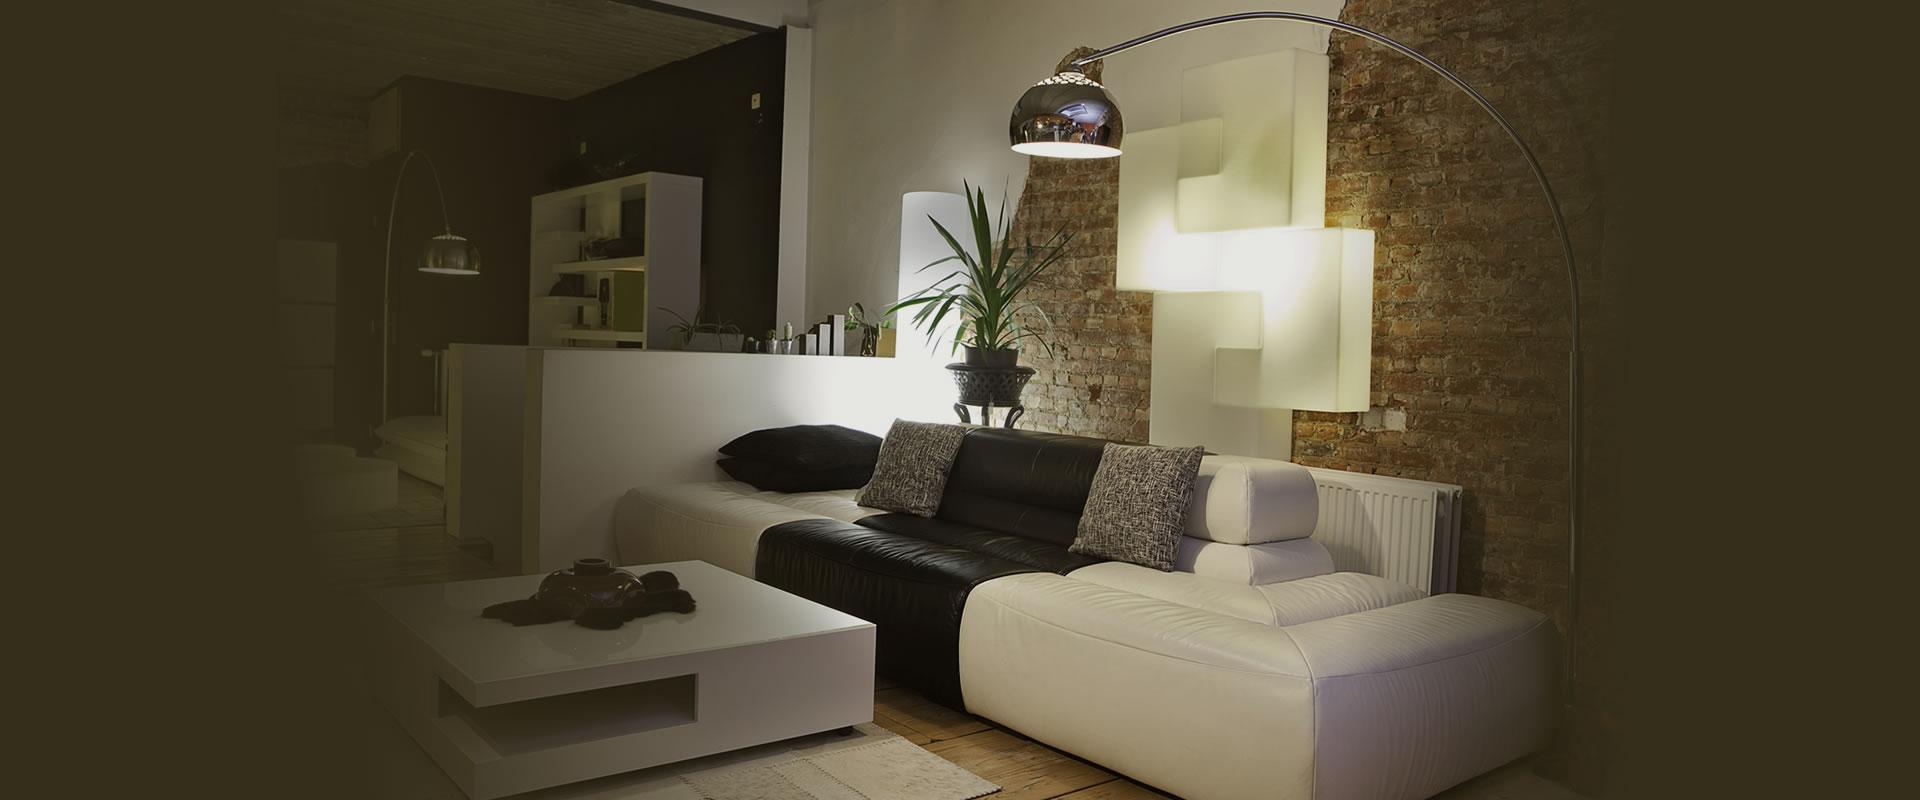 Descubra la iluminaci n led en tap electricidad - Iluminacion para el hogar ...